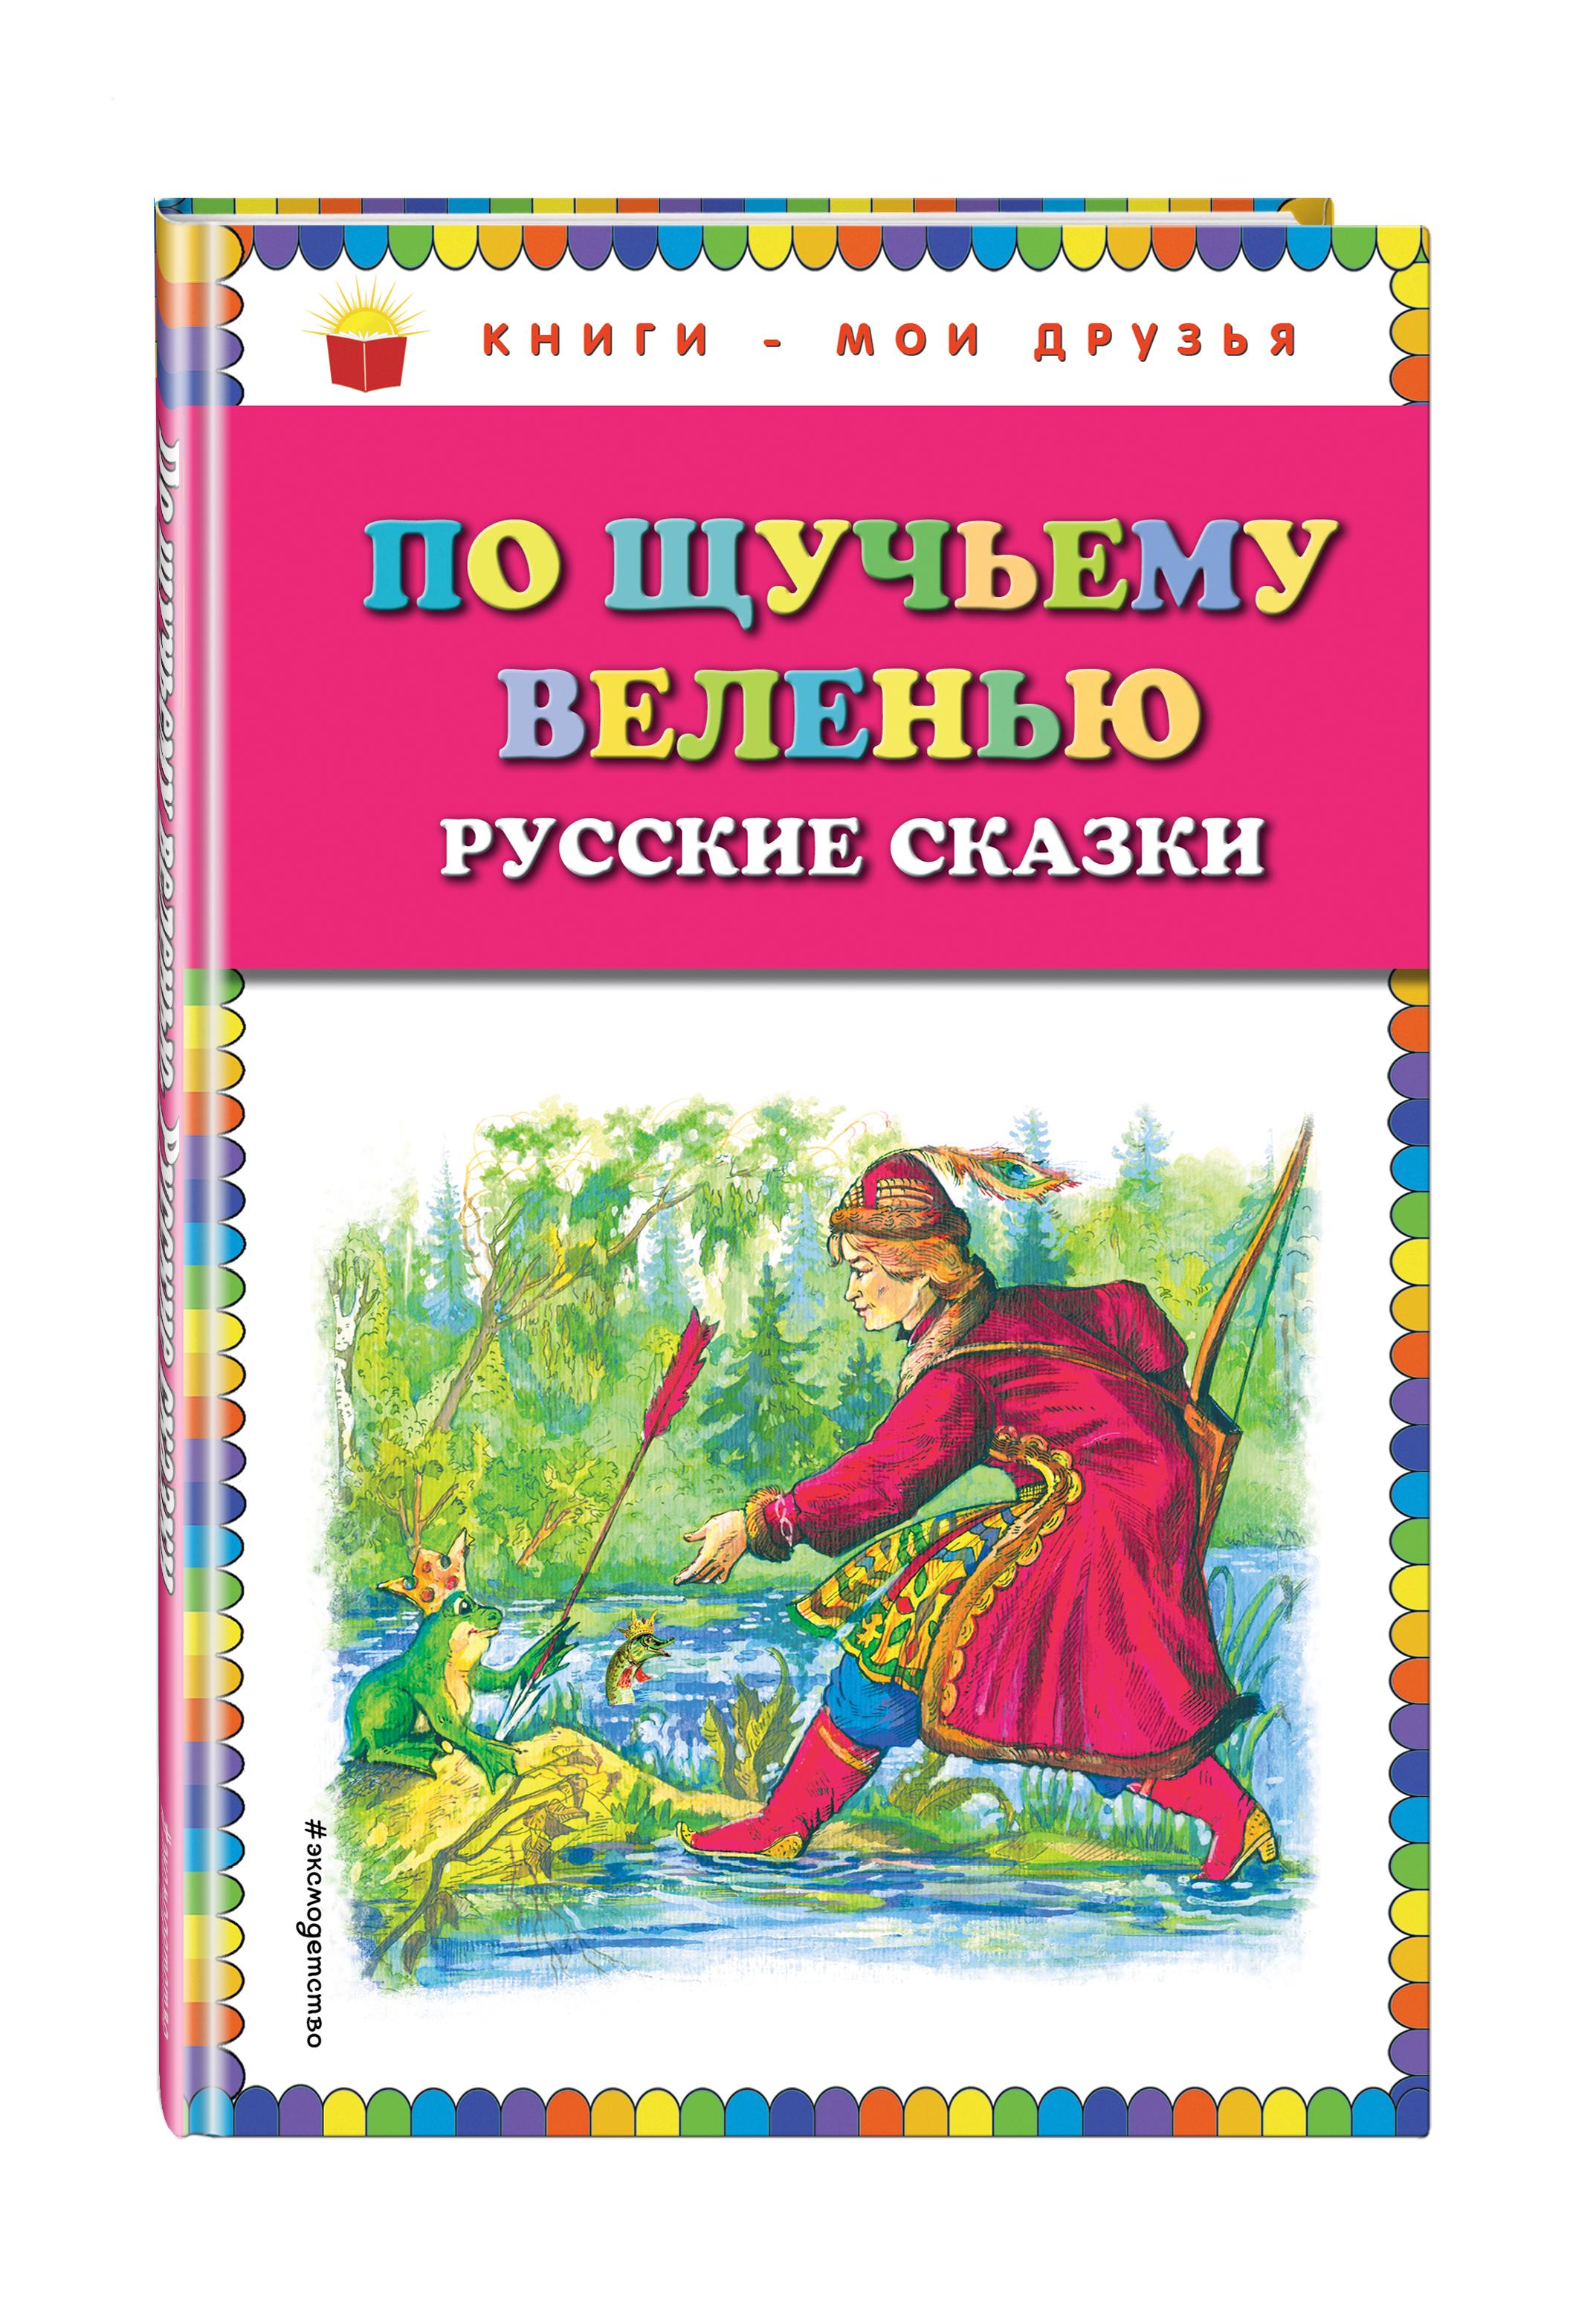 По щучьему веленью: Русские сказки (ил. А. Кардашука) кожедуб в отв ред по щучьему веленью русские сказки